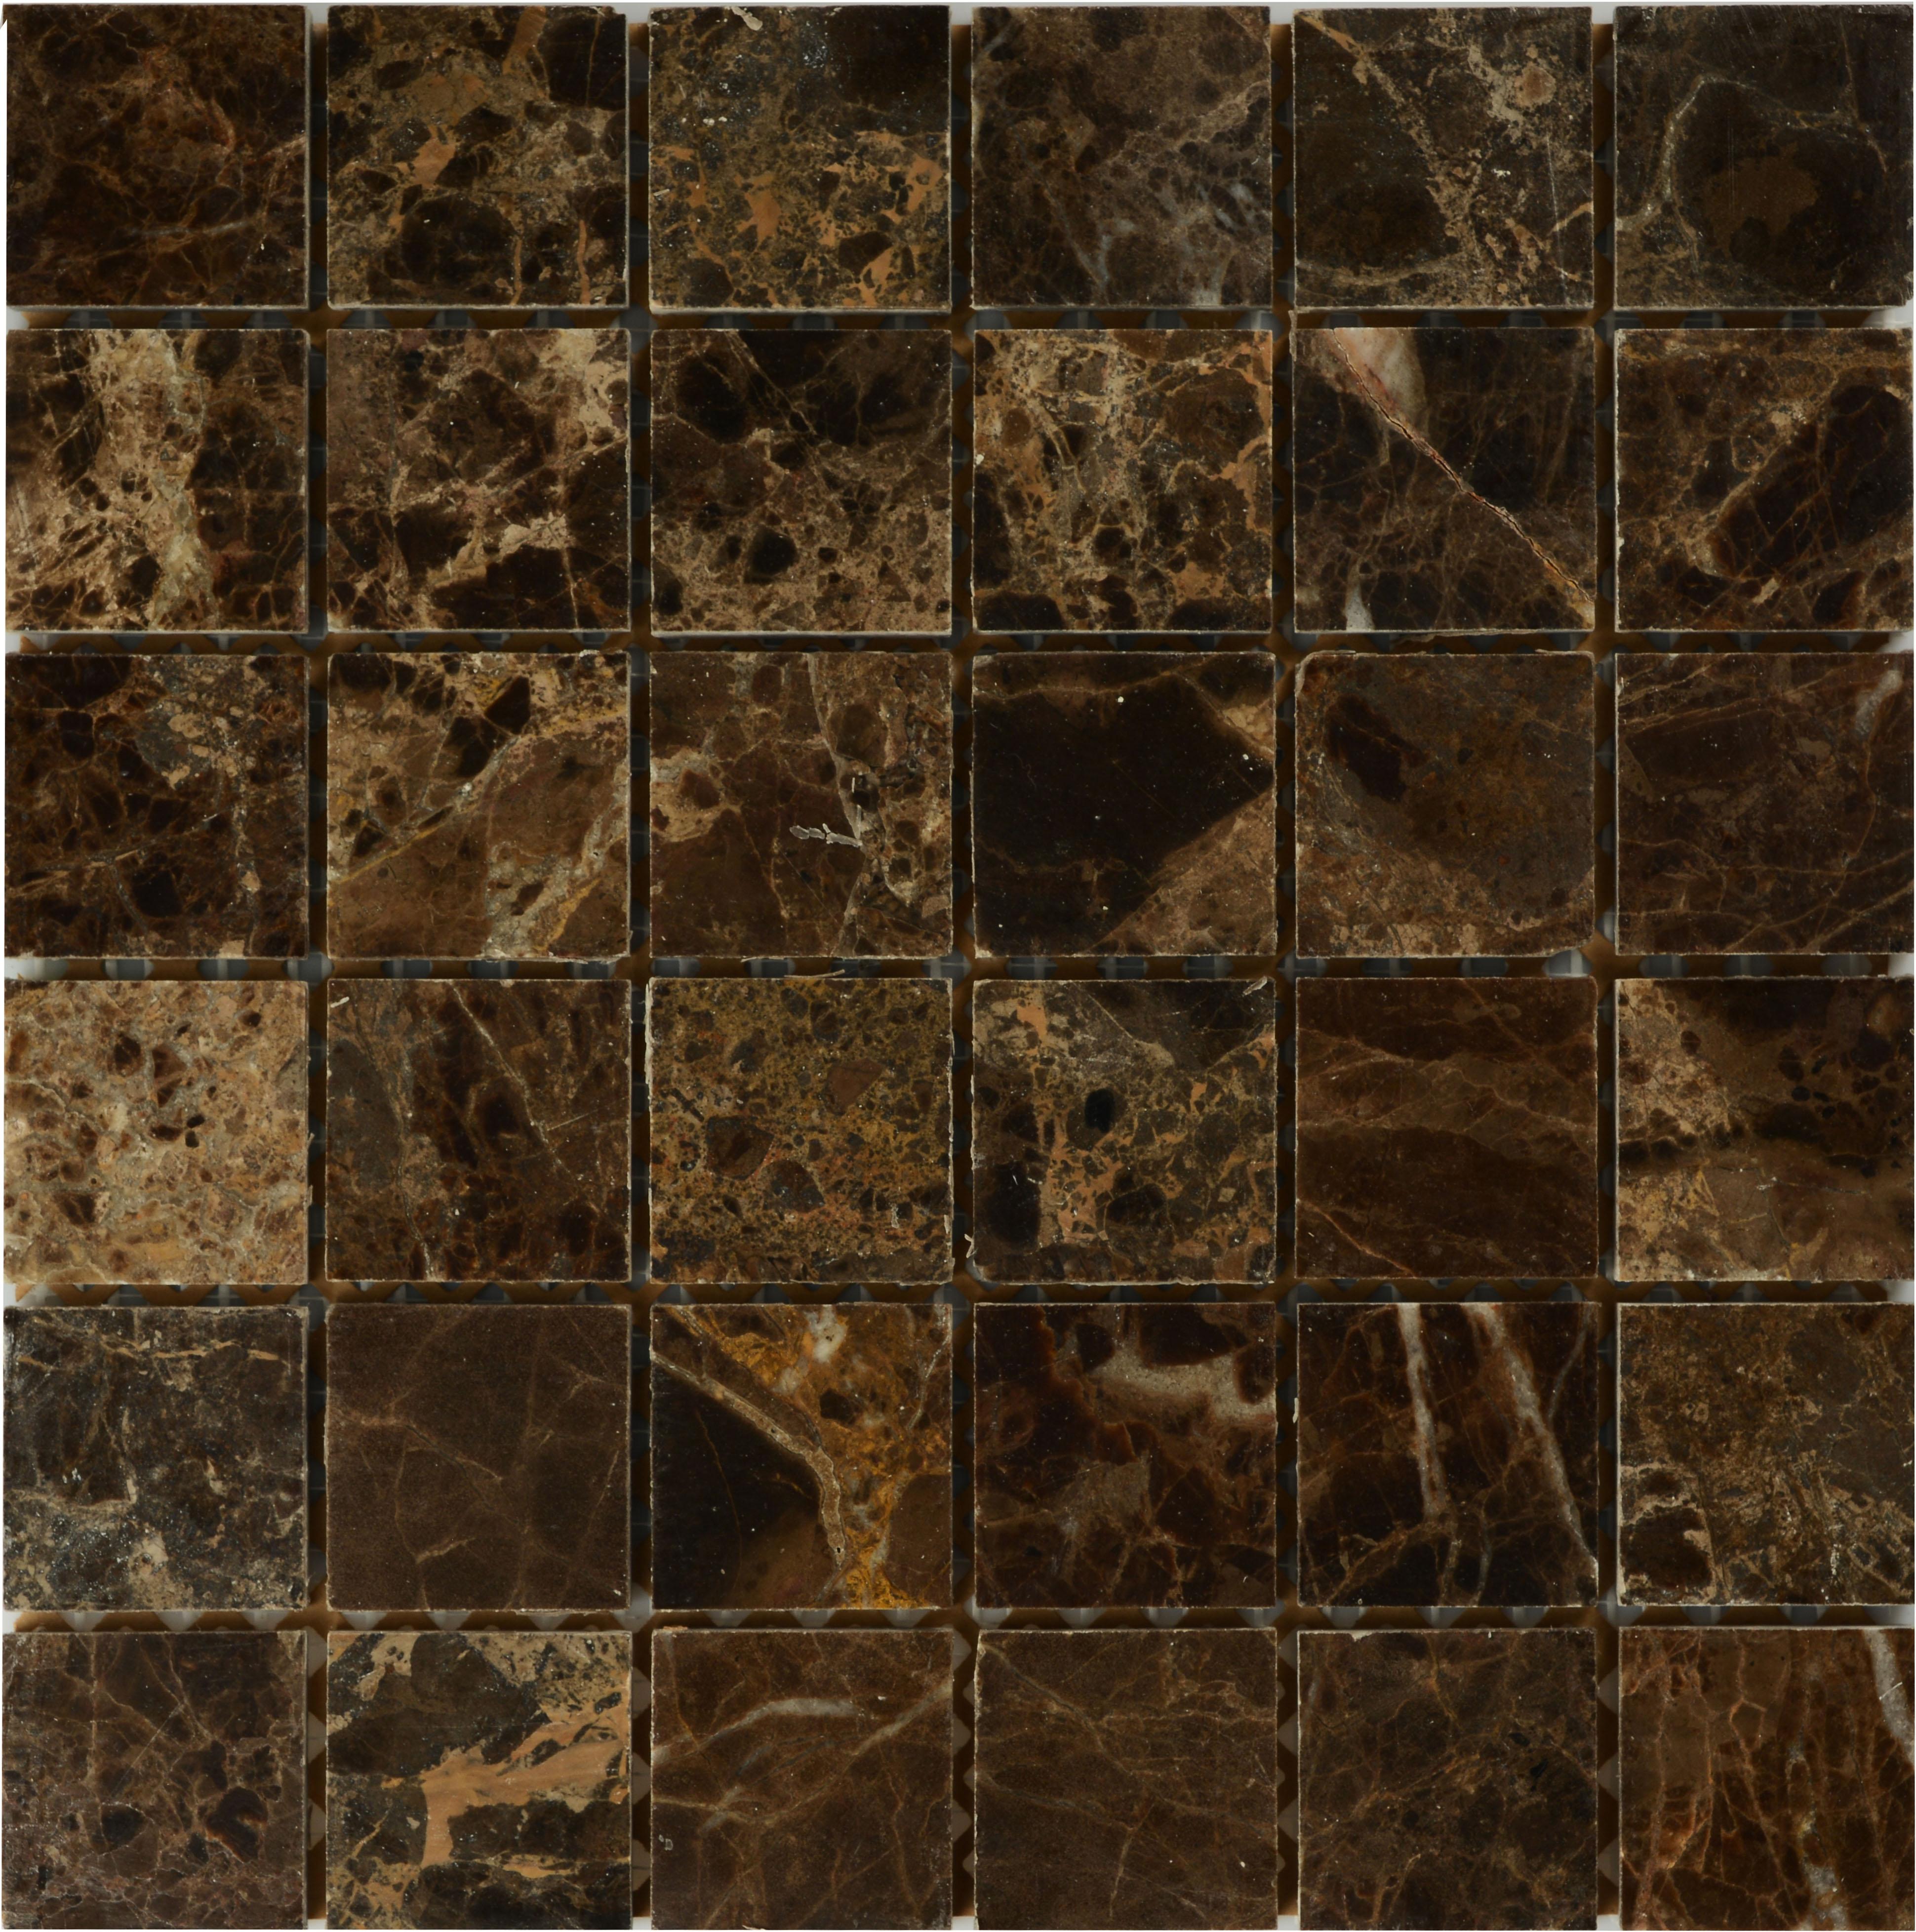 Мозаика MN174SLC Primacolore 48х48/300х300 - 0.99 мозаика primacolore marmo mn174slc 4 8x4 8 30x30